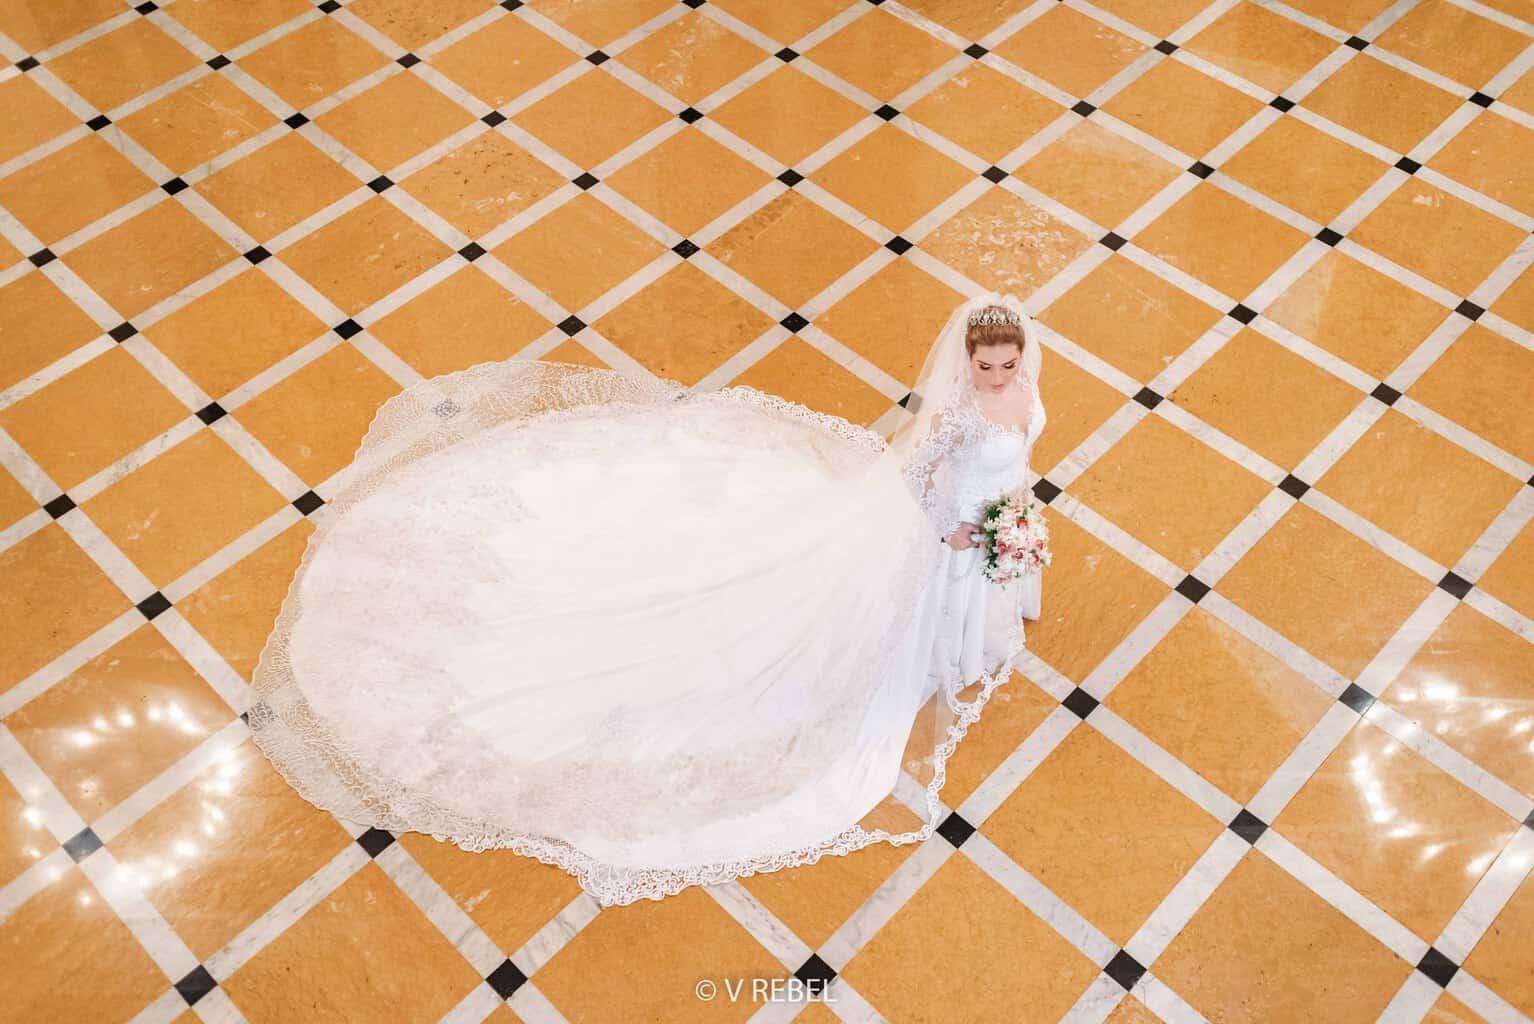 casamento-Caroline-e-Breno-casamento-clássico-fotografia-VRebel-making-of26